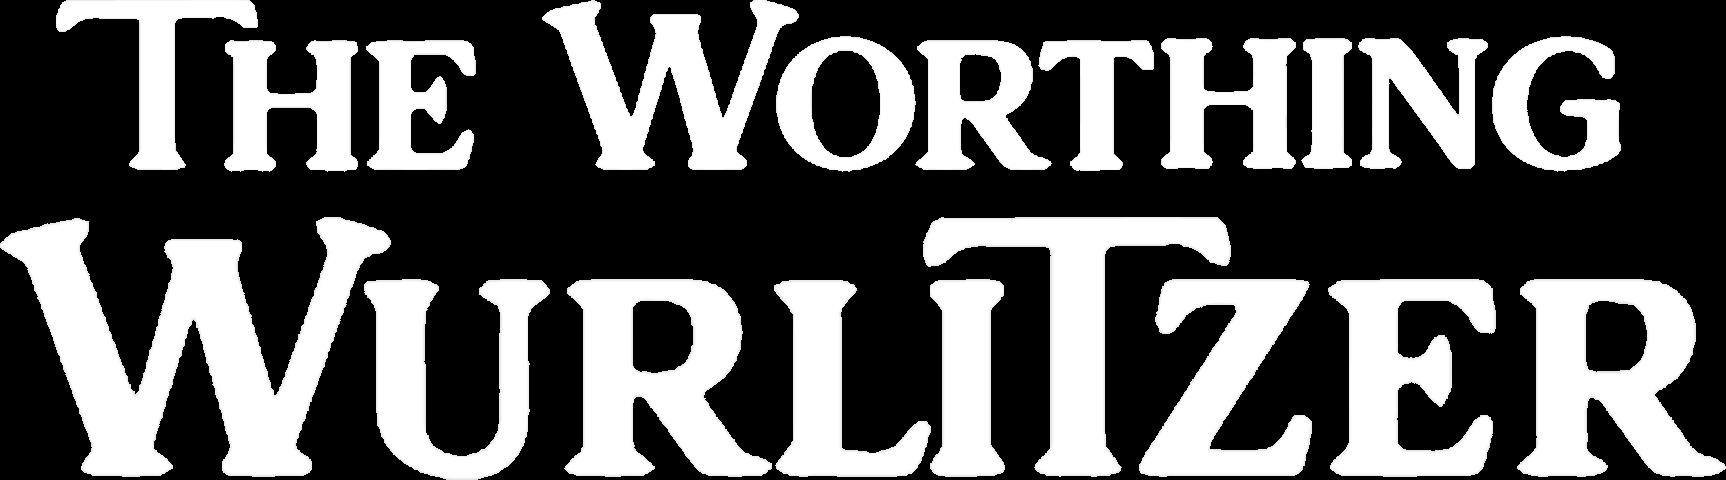 Worthing Wurlitzer